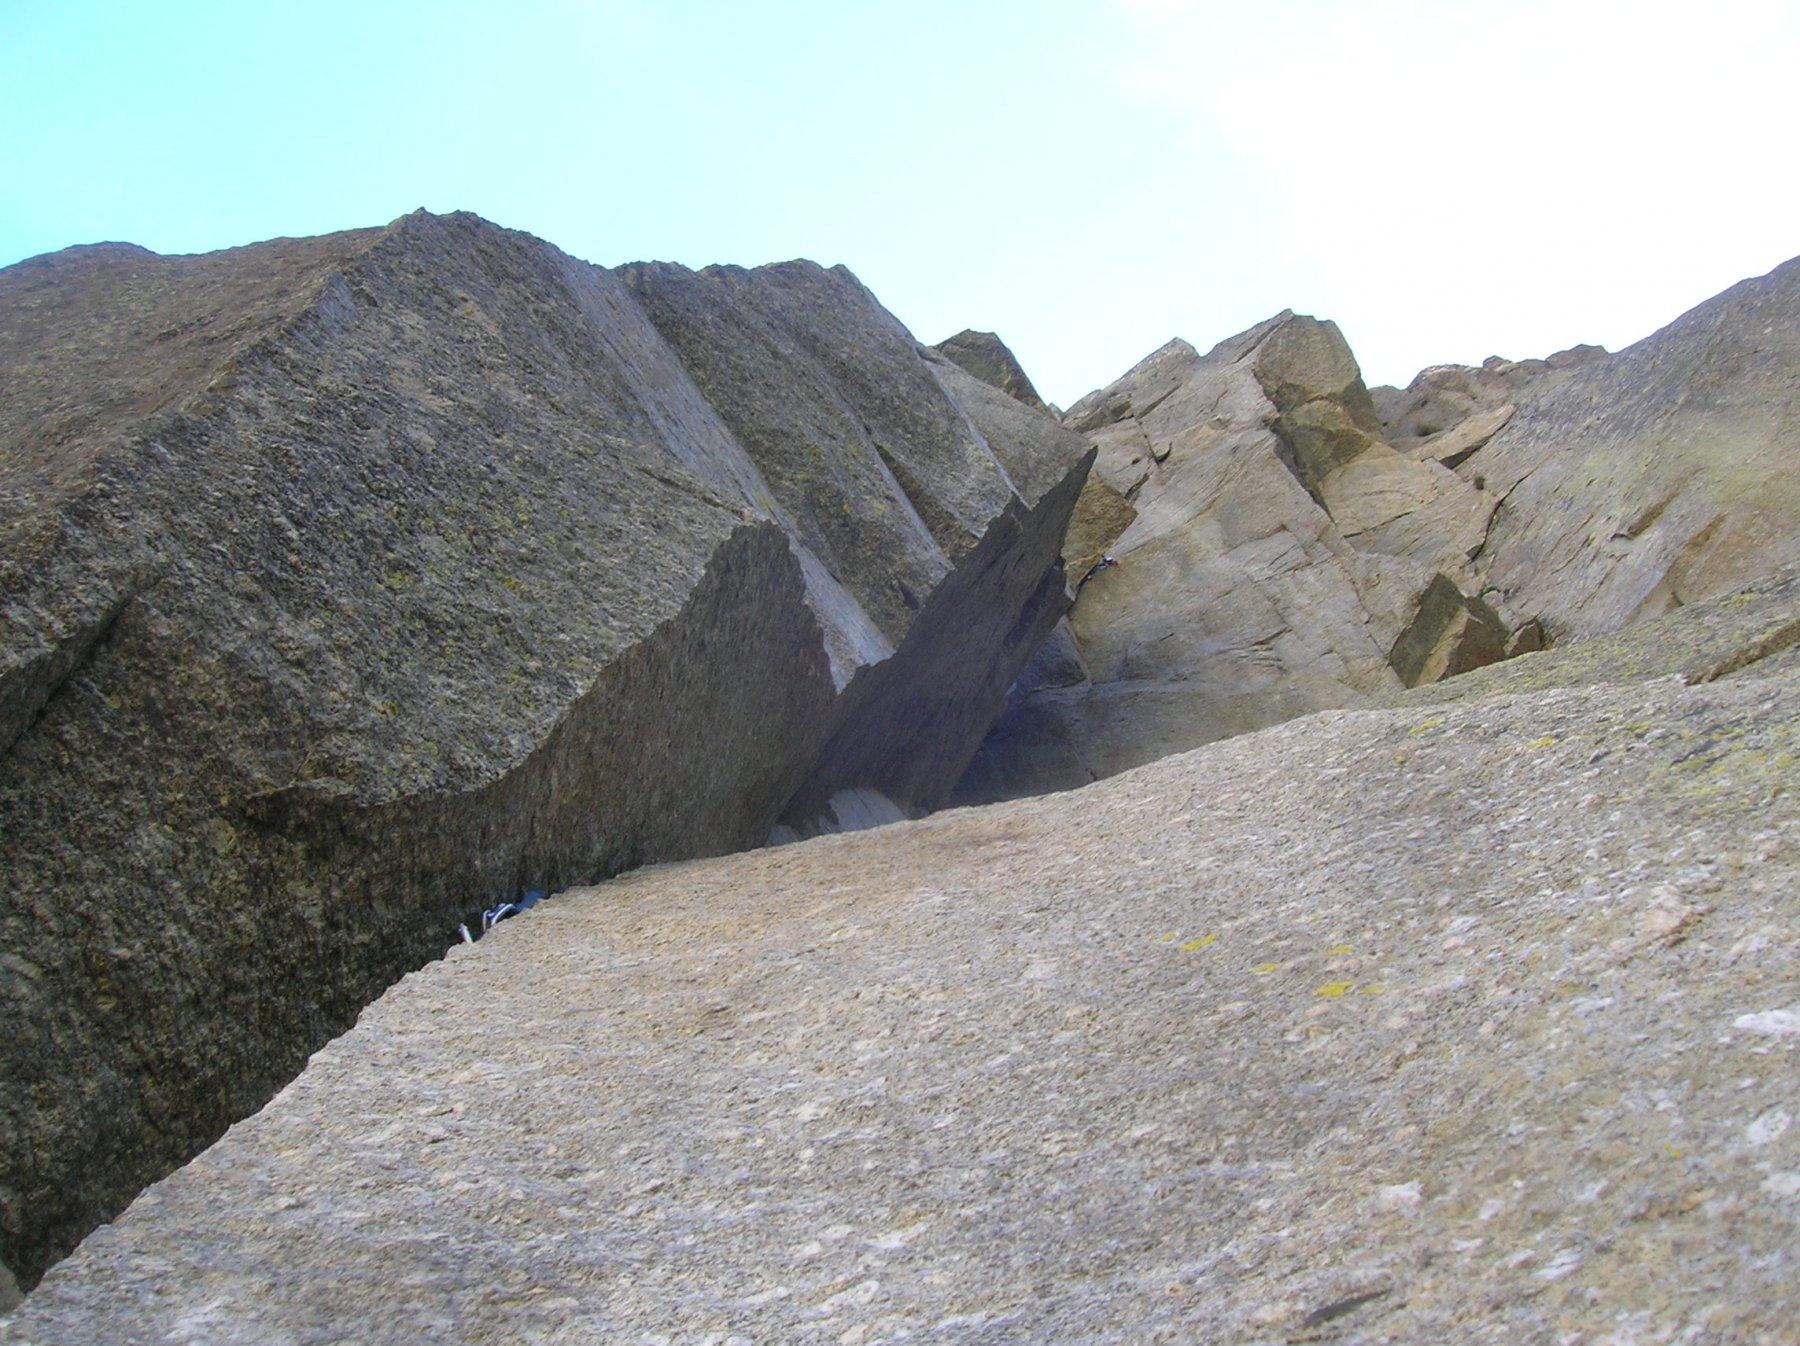 L'articolata e fessurata roccia del settore sx